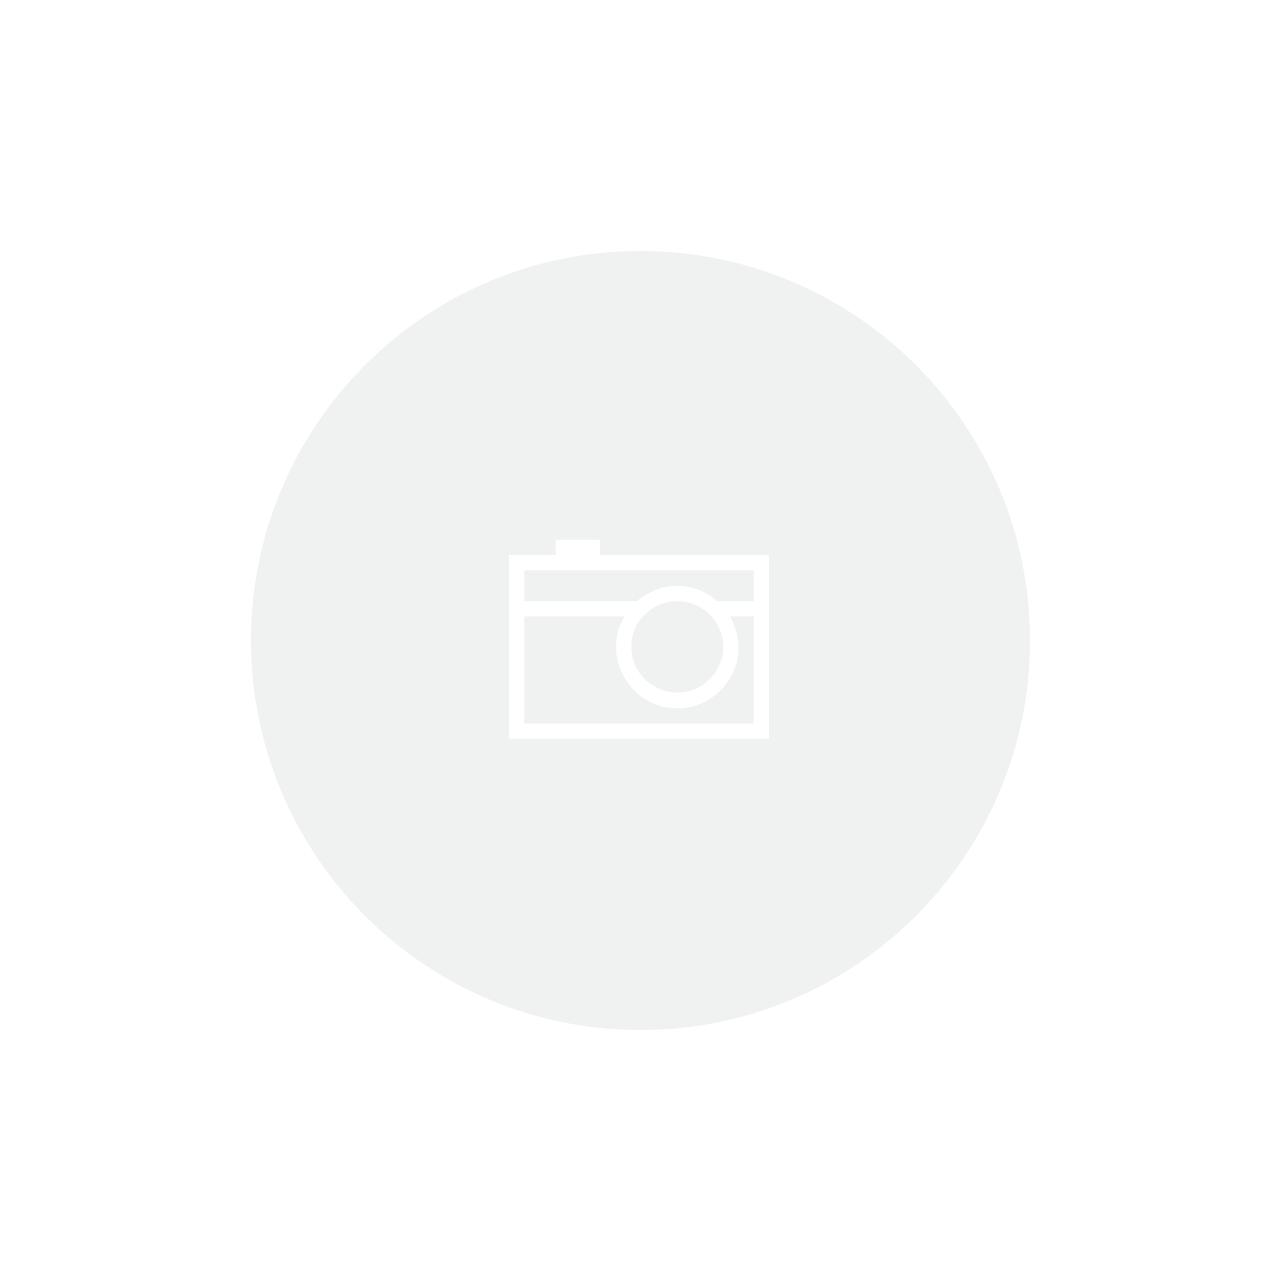 Bandeja Quadrada de Latao Niquelado 19x19x5cm